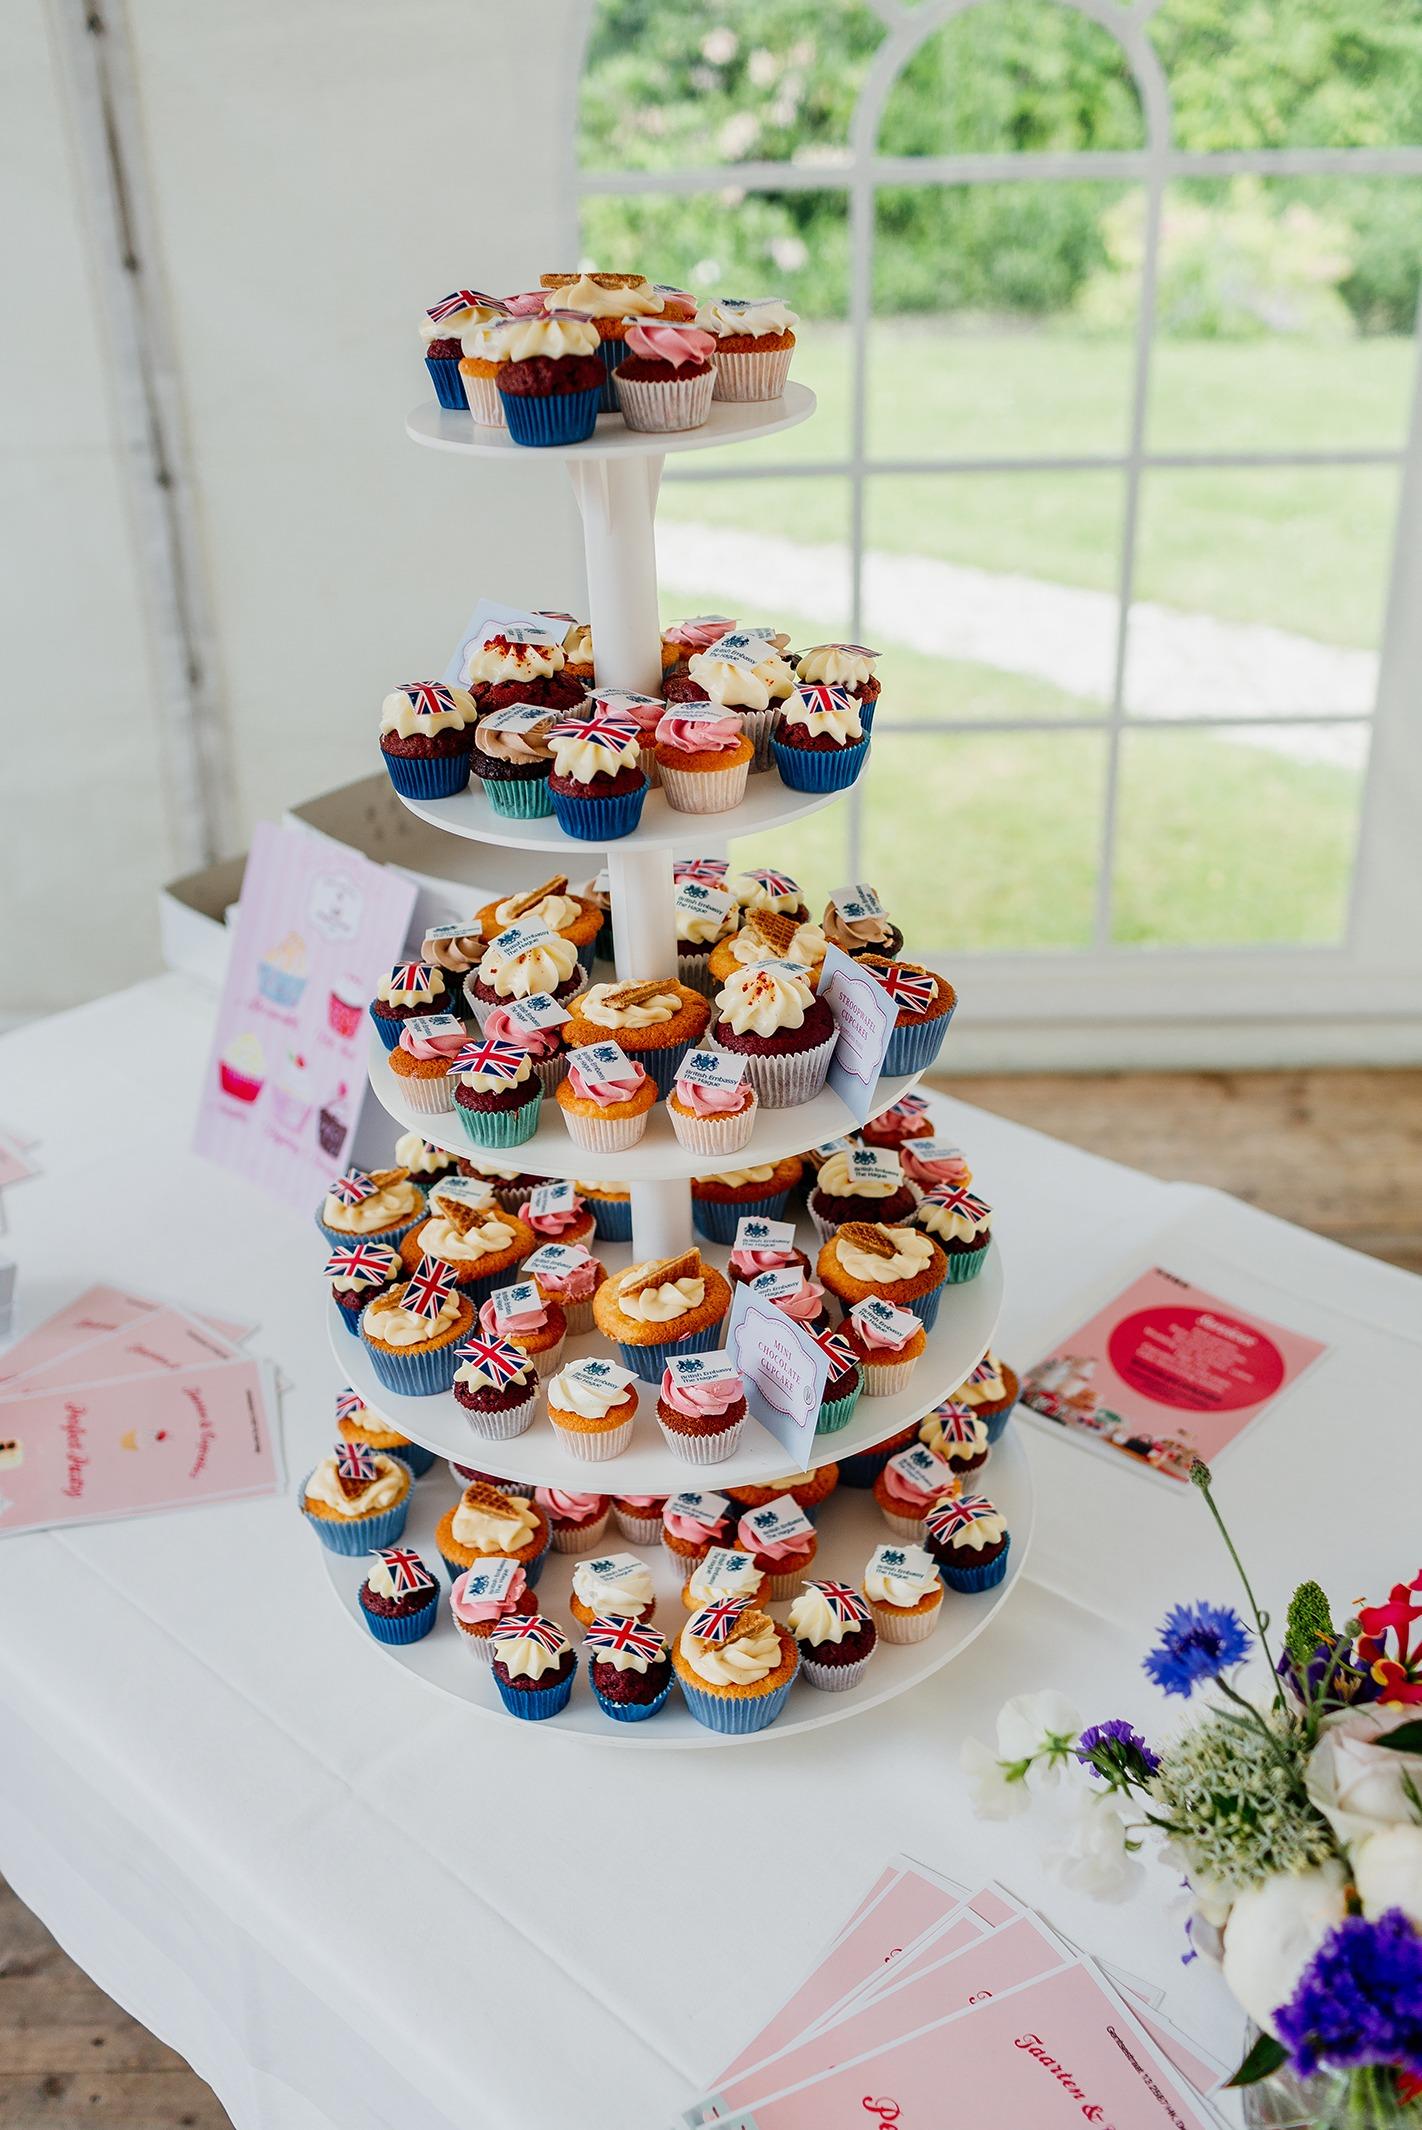 cupcakes-toren-bedrijf-gebak-logo-verschillende-smaken